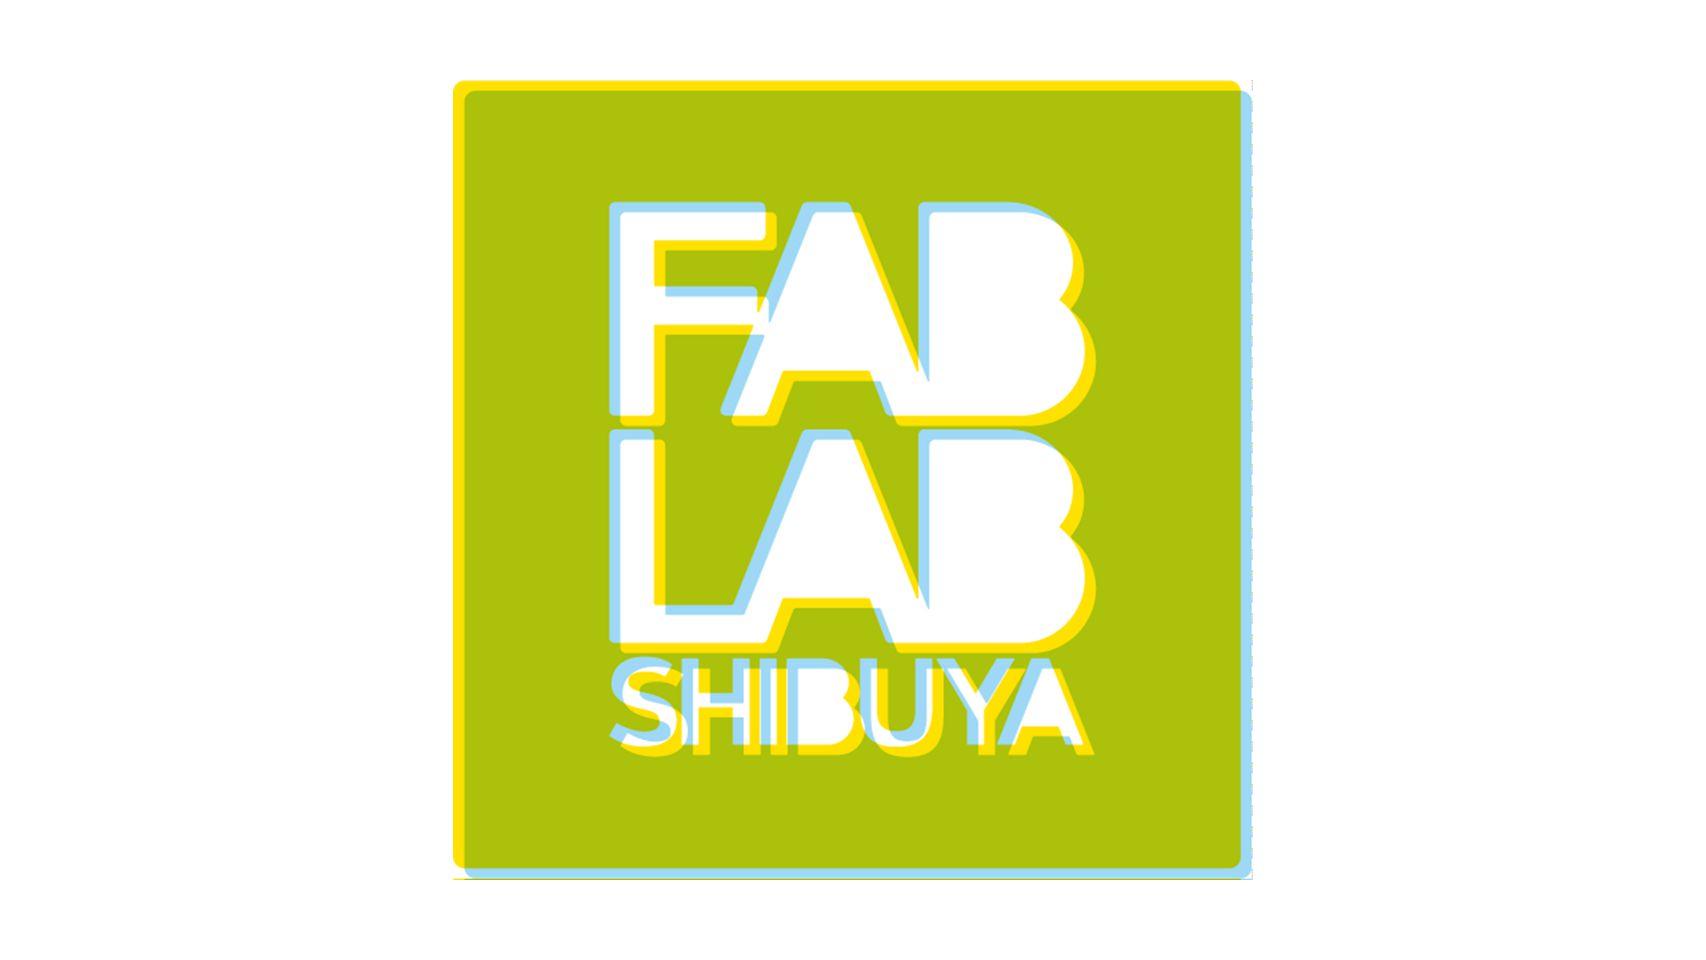 Meet you at Shibuya on Aug. 28!